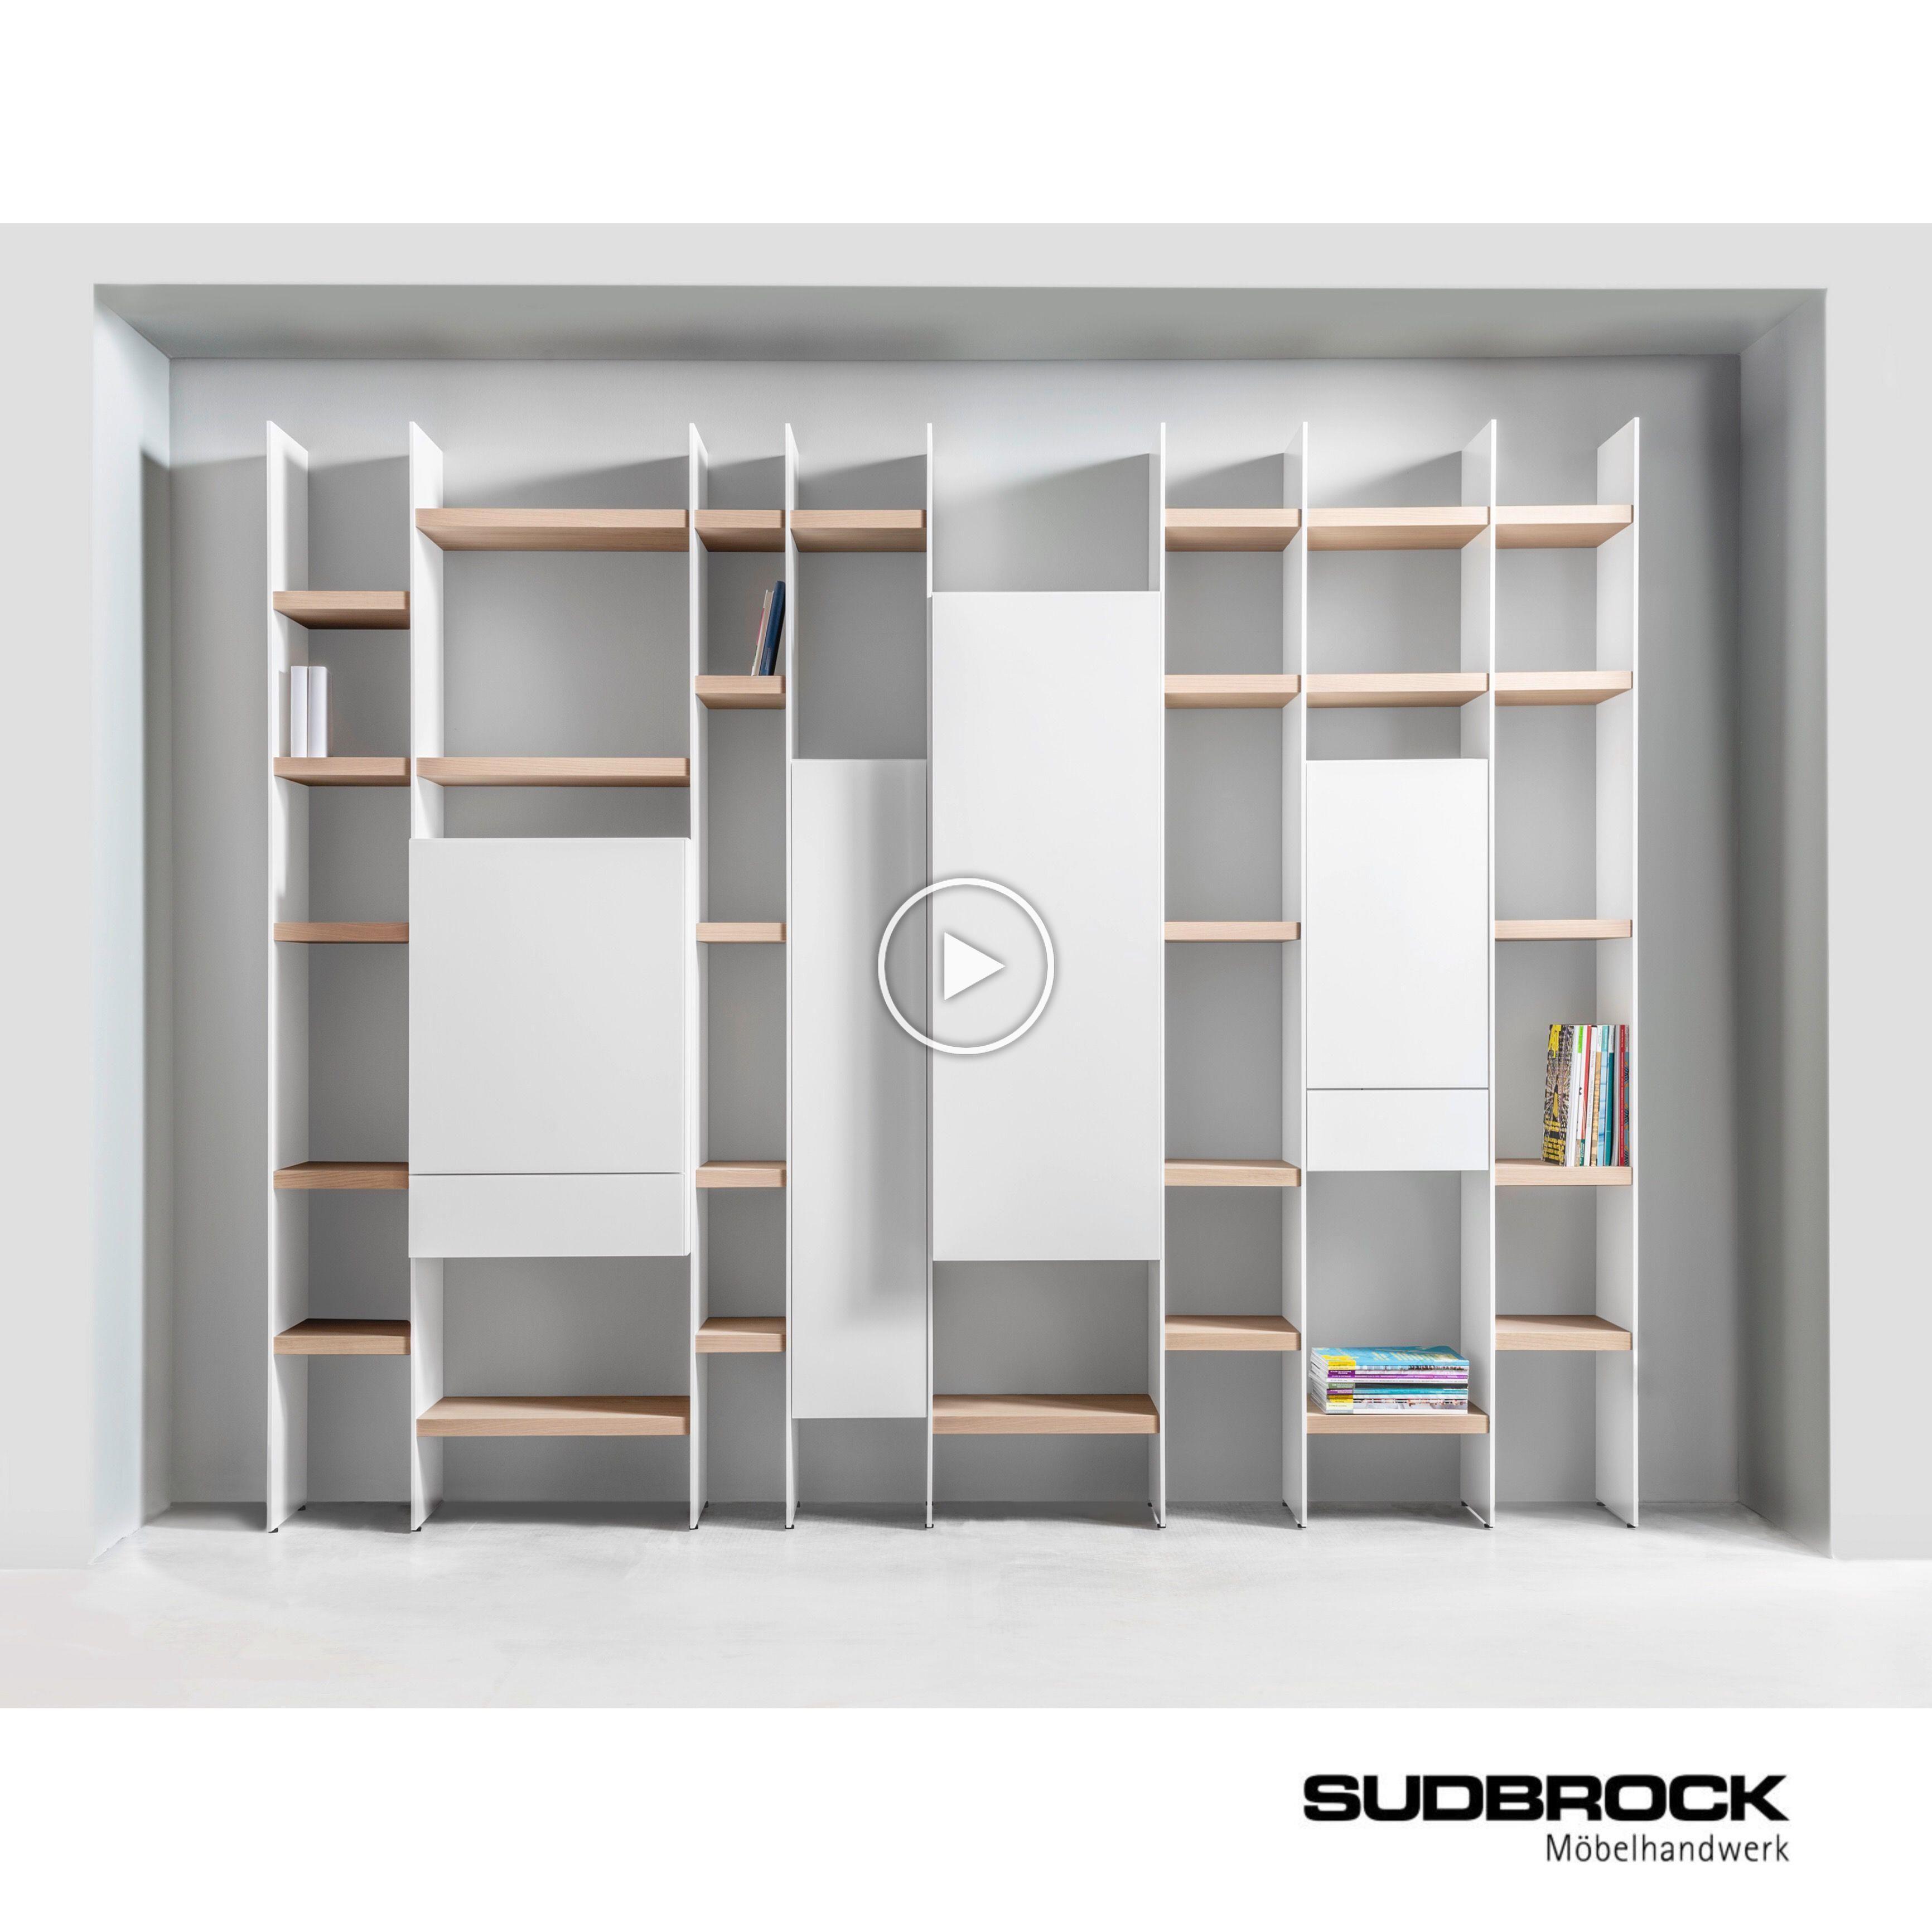 Wohnzimmer Regal SCALA von SUDBROCK Möbel - Bücherregal